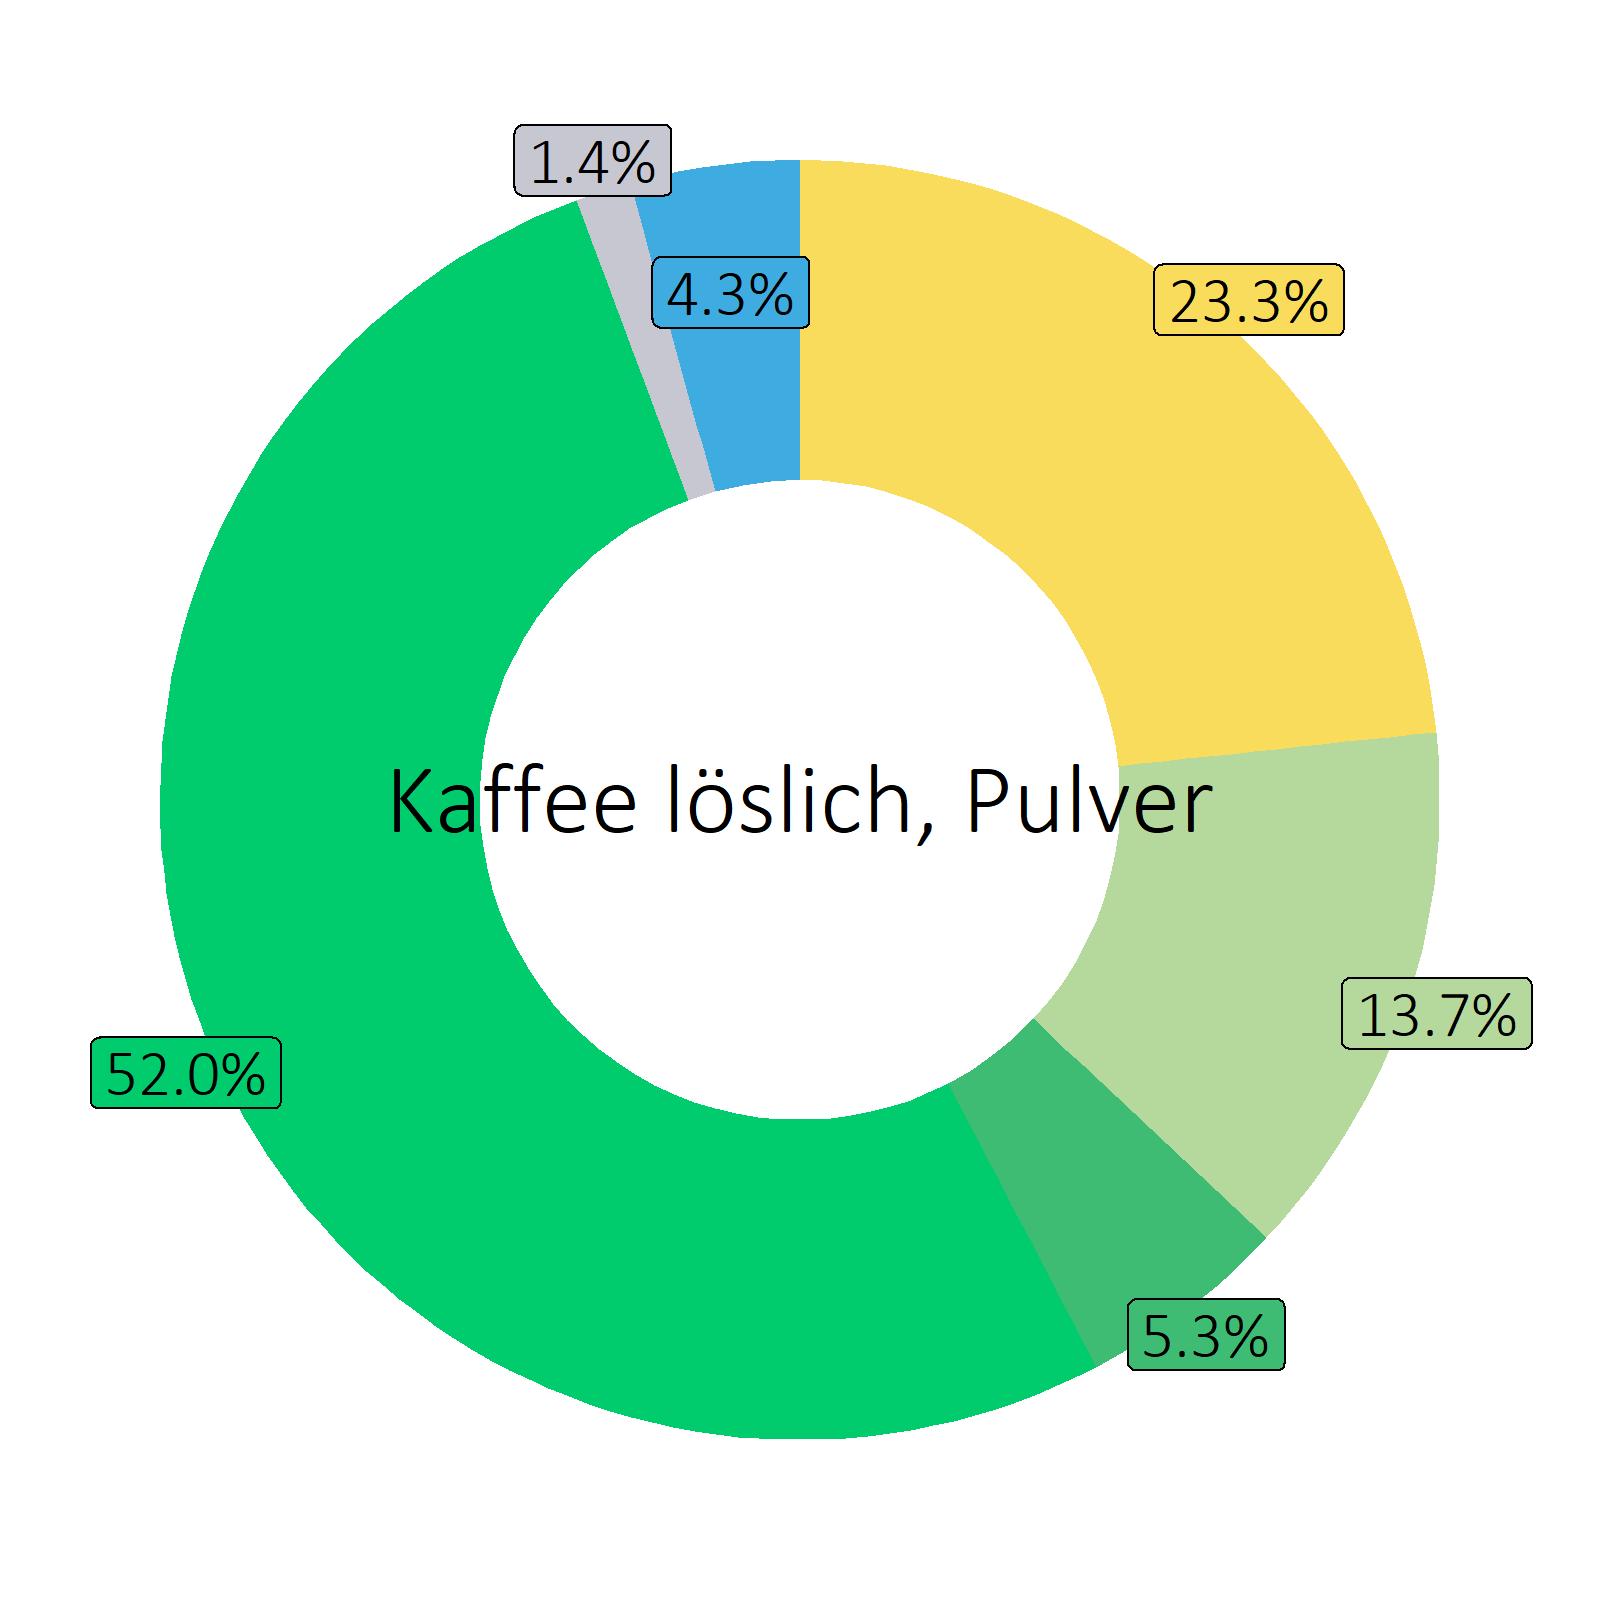 Bestandteile Kaffee löslich, Pulver